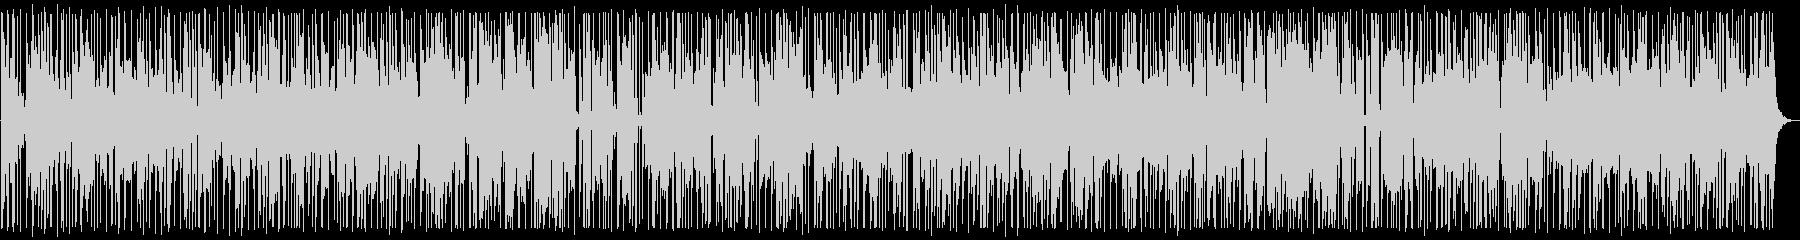 南国/カフェ/ラウンジ_No547_1の未再生の波形